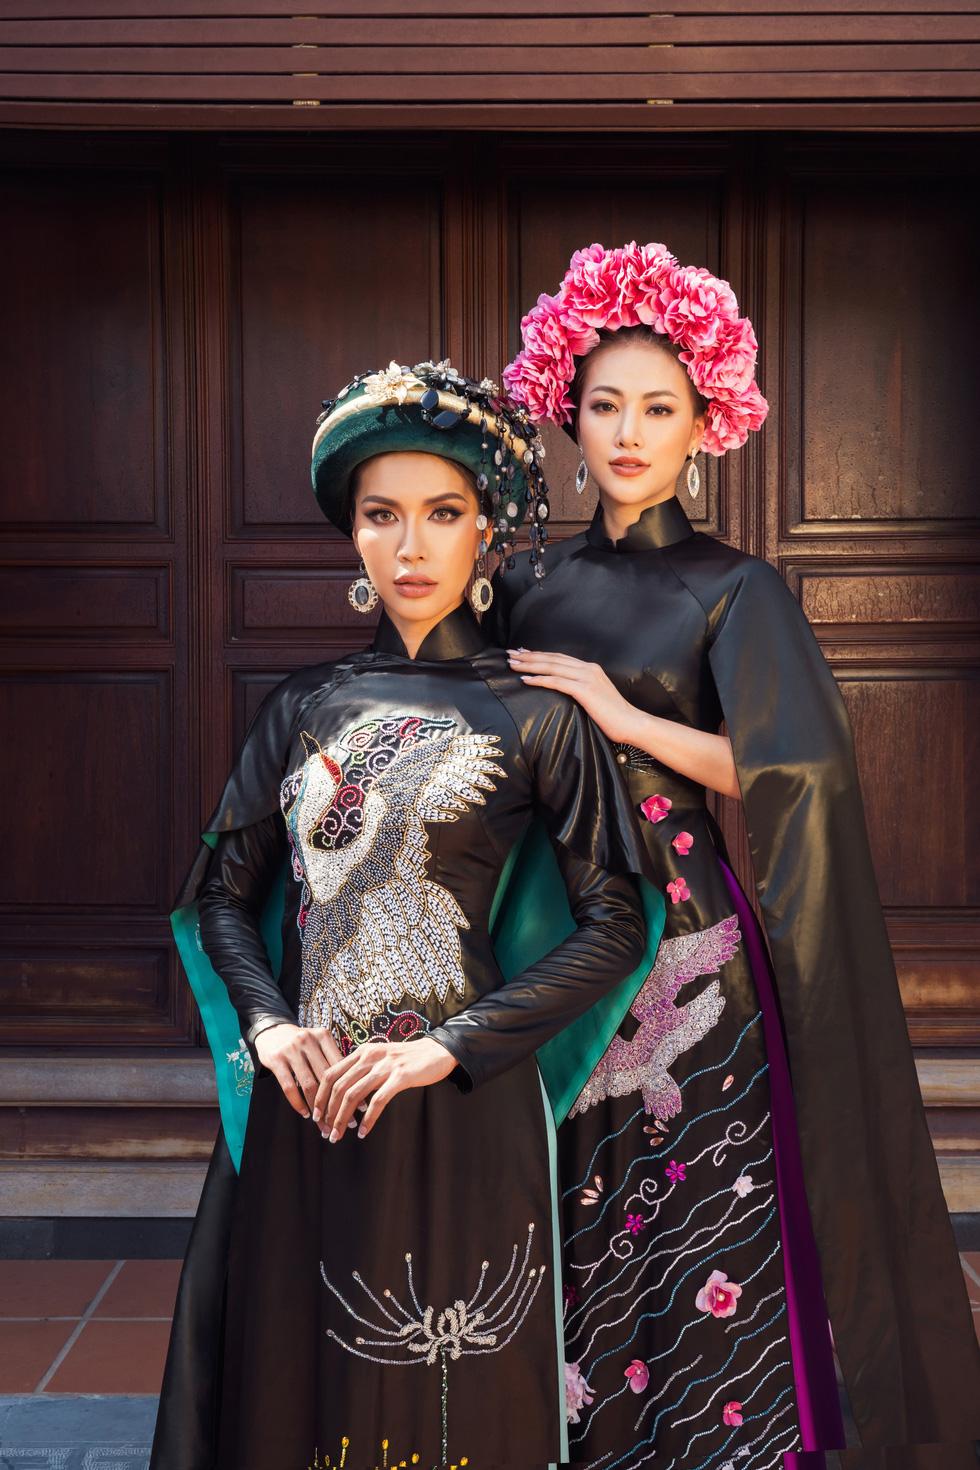 Hoa hậu Phương Khánh, Minh Tú khoe sắc trong bộ sưu tập áo dài Bay lả bay la - Ảnh 9.